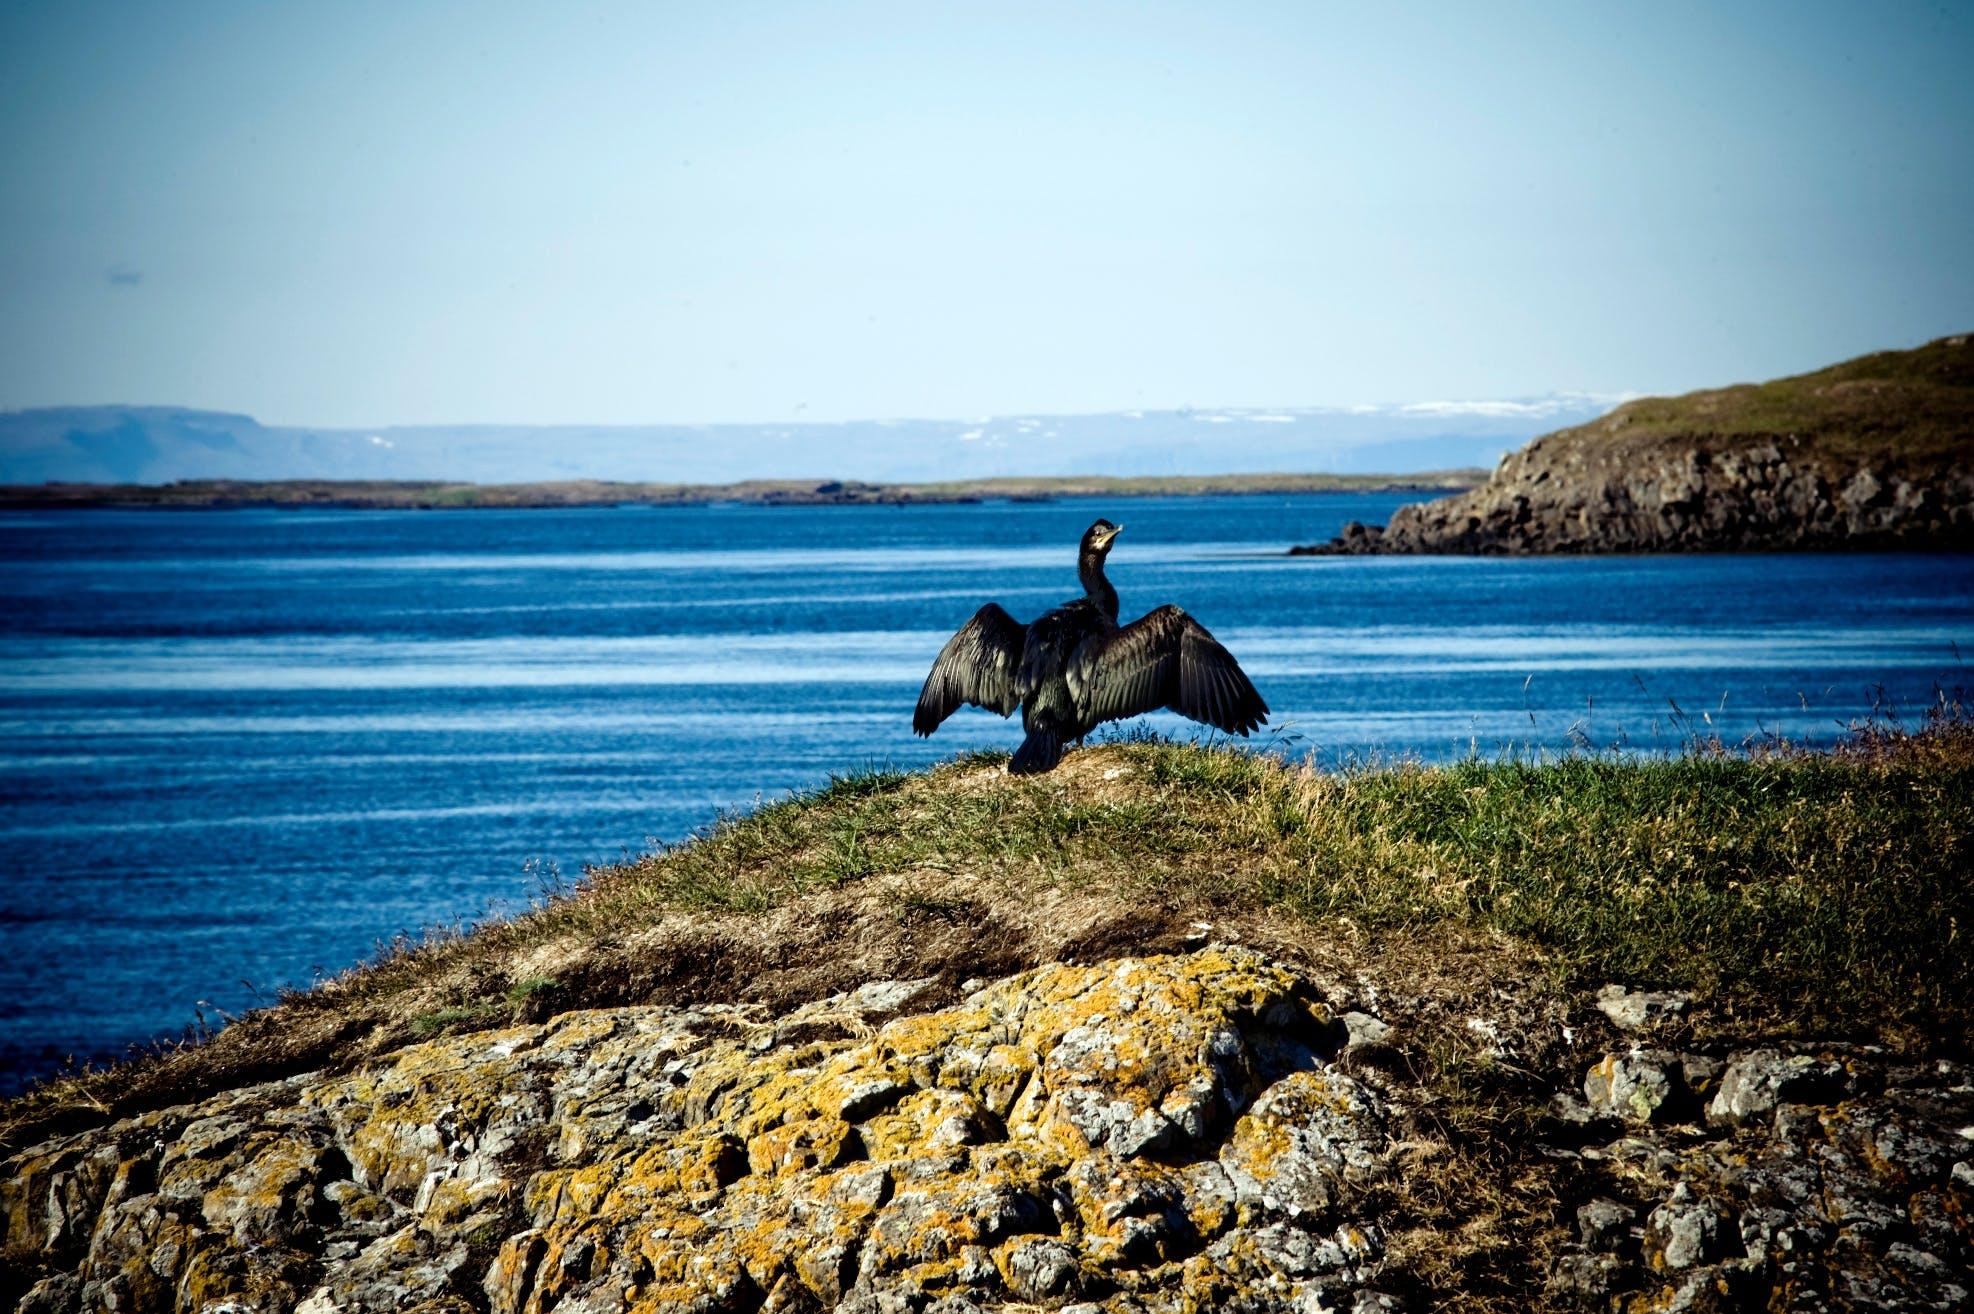 Les îles de la baie du Breiðafjörður abritent de nombreux oiseaux marins